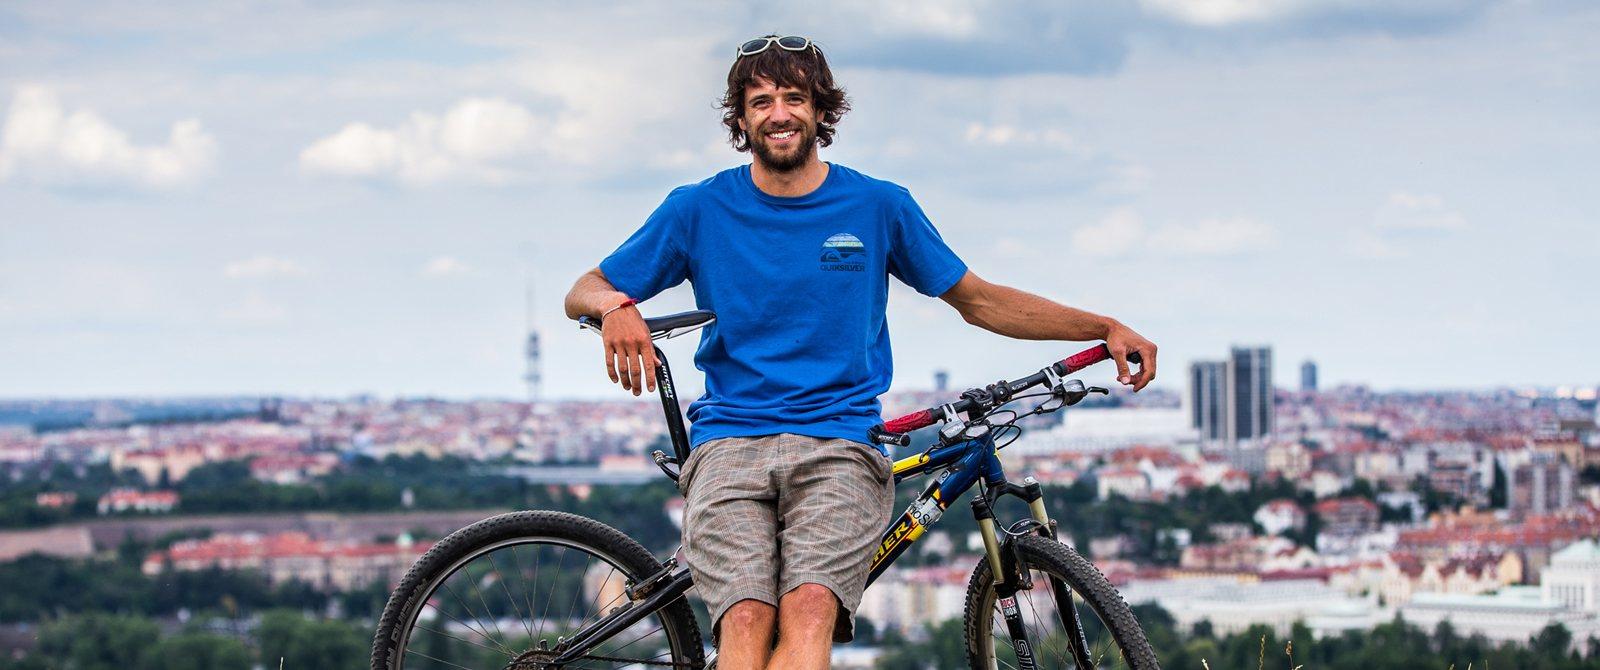 Meet Pavel Drastik, bike tour guide for Trek Travel